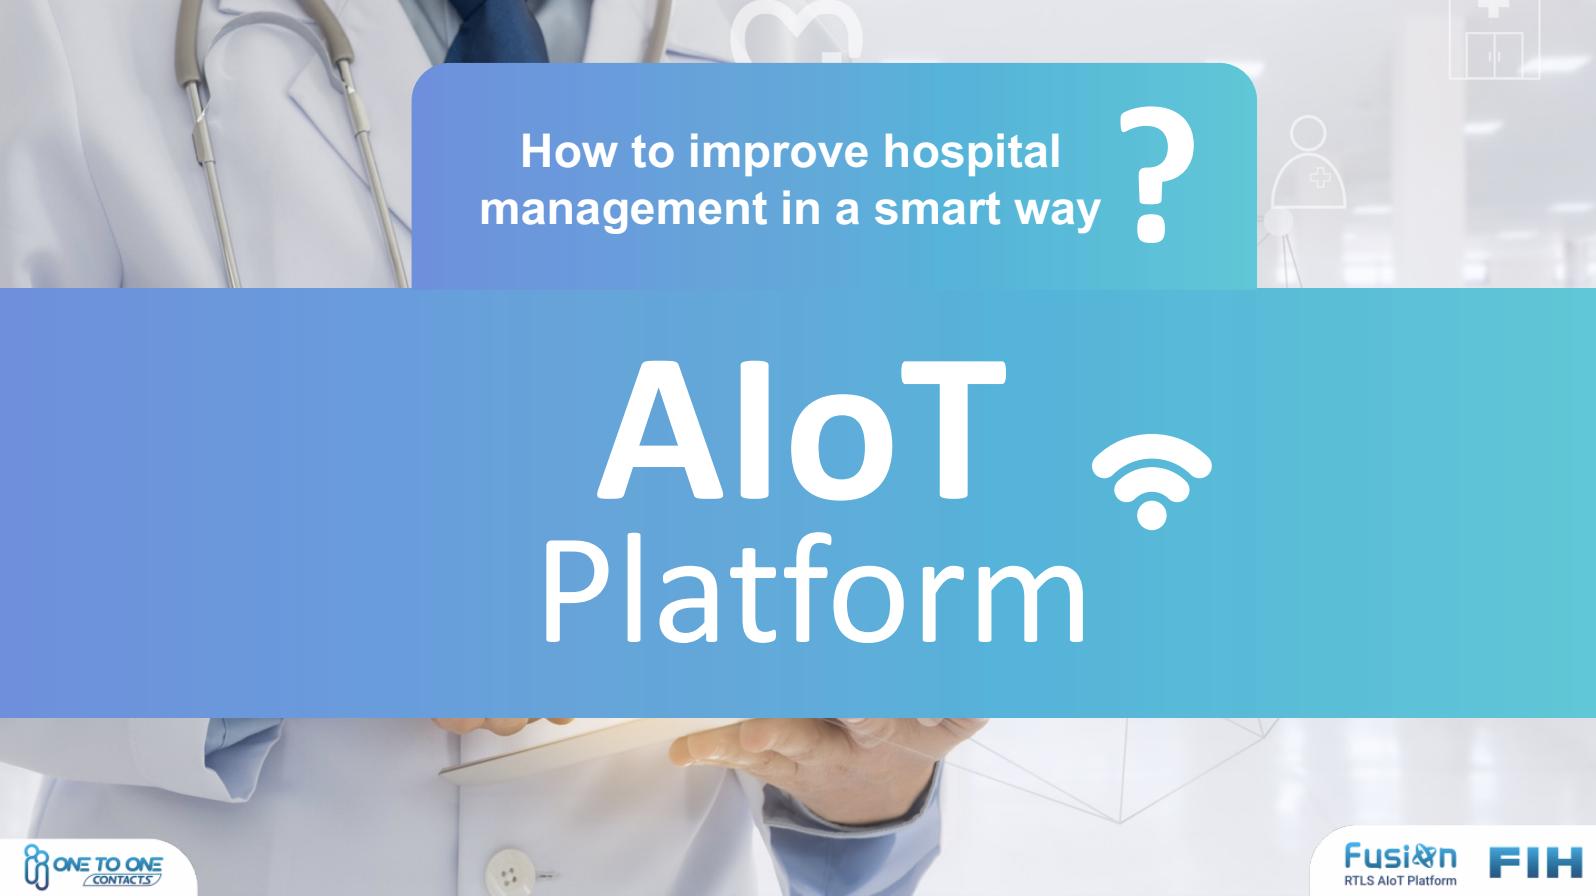 AIOT Platform